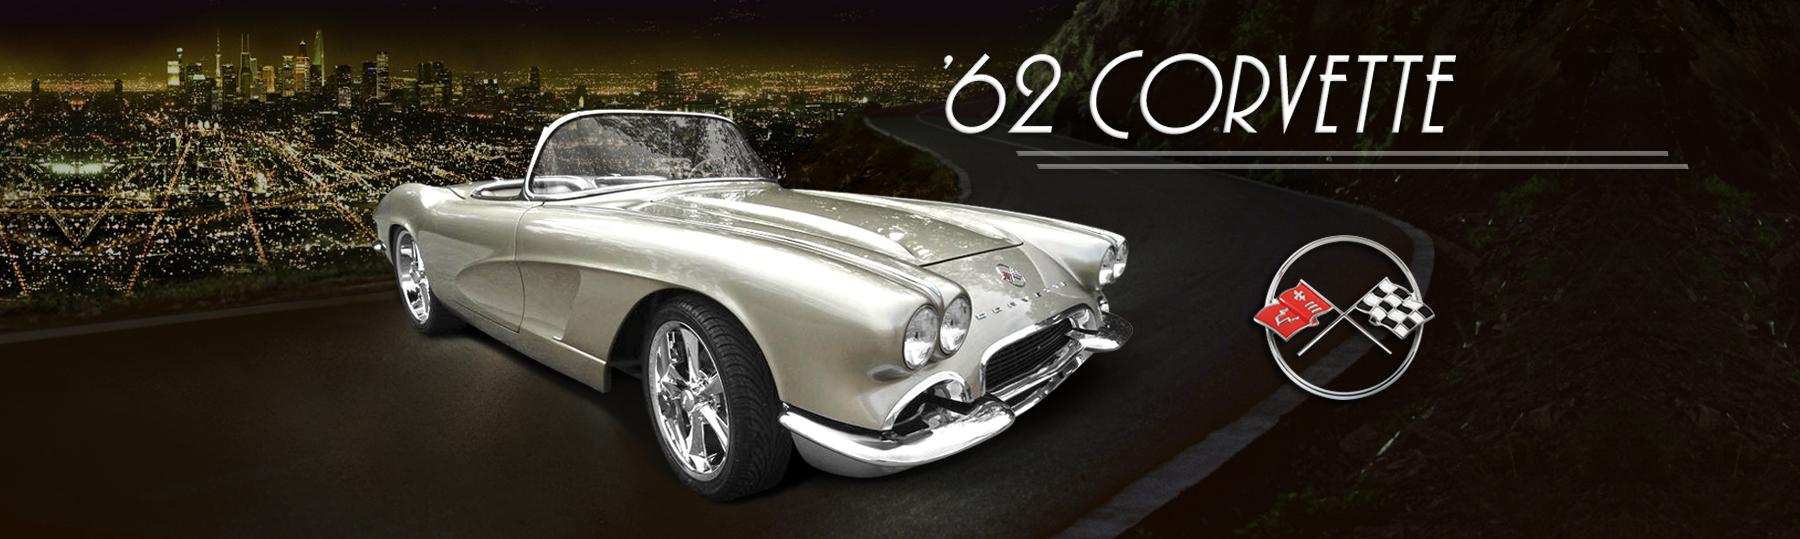 Fineline-62-Corvette-header-2